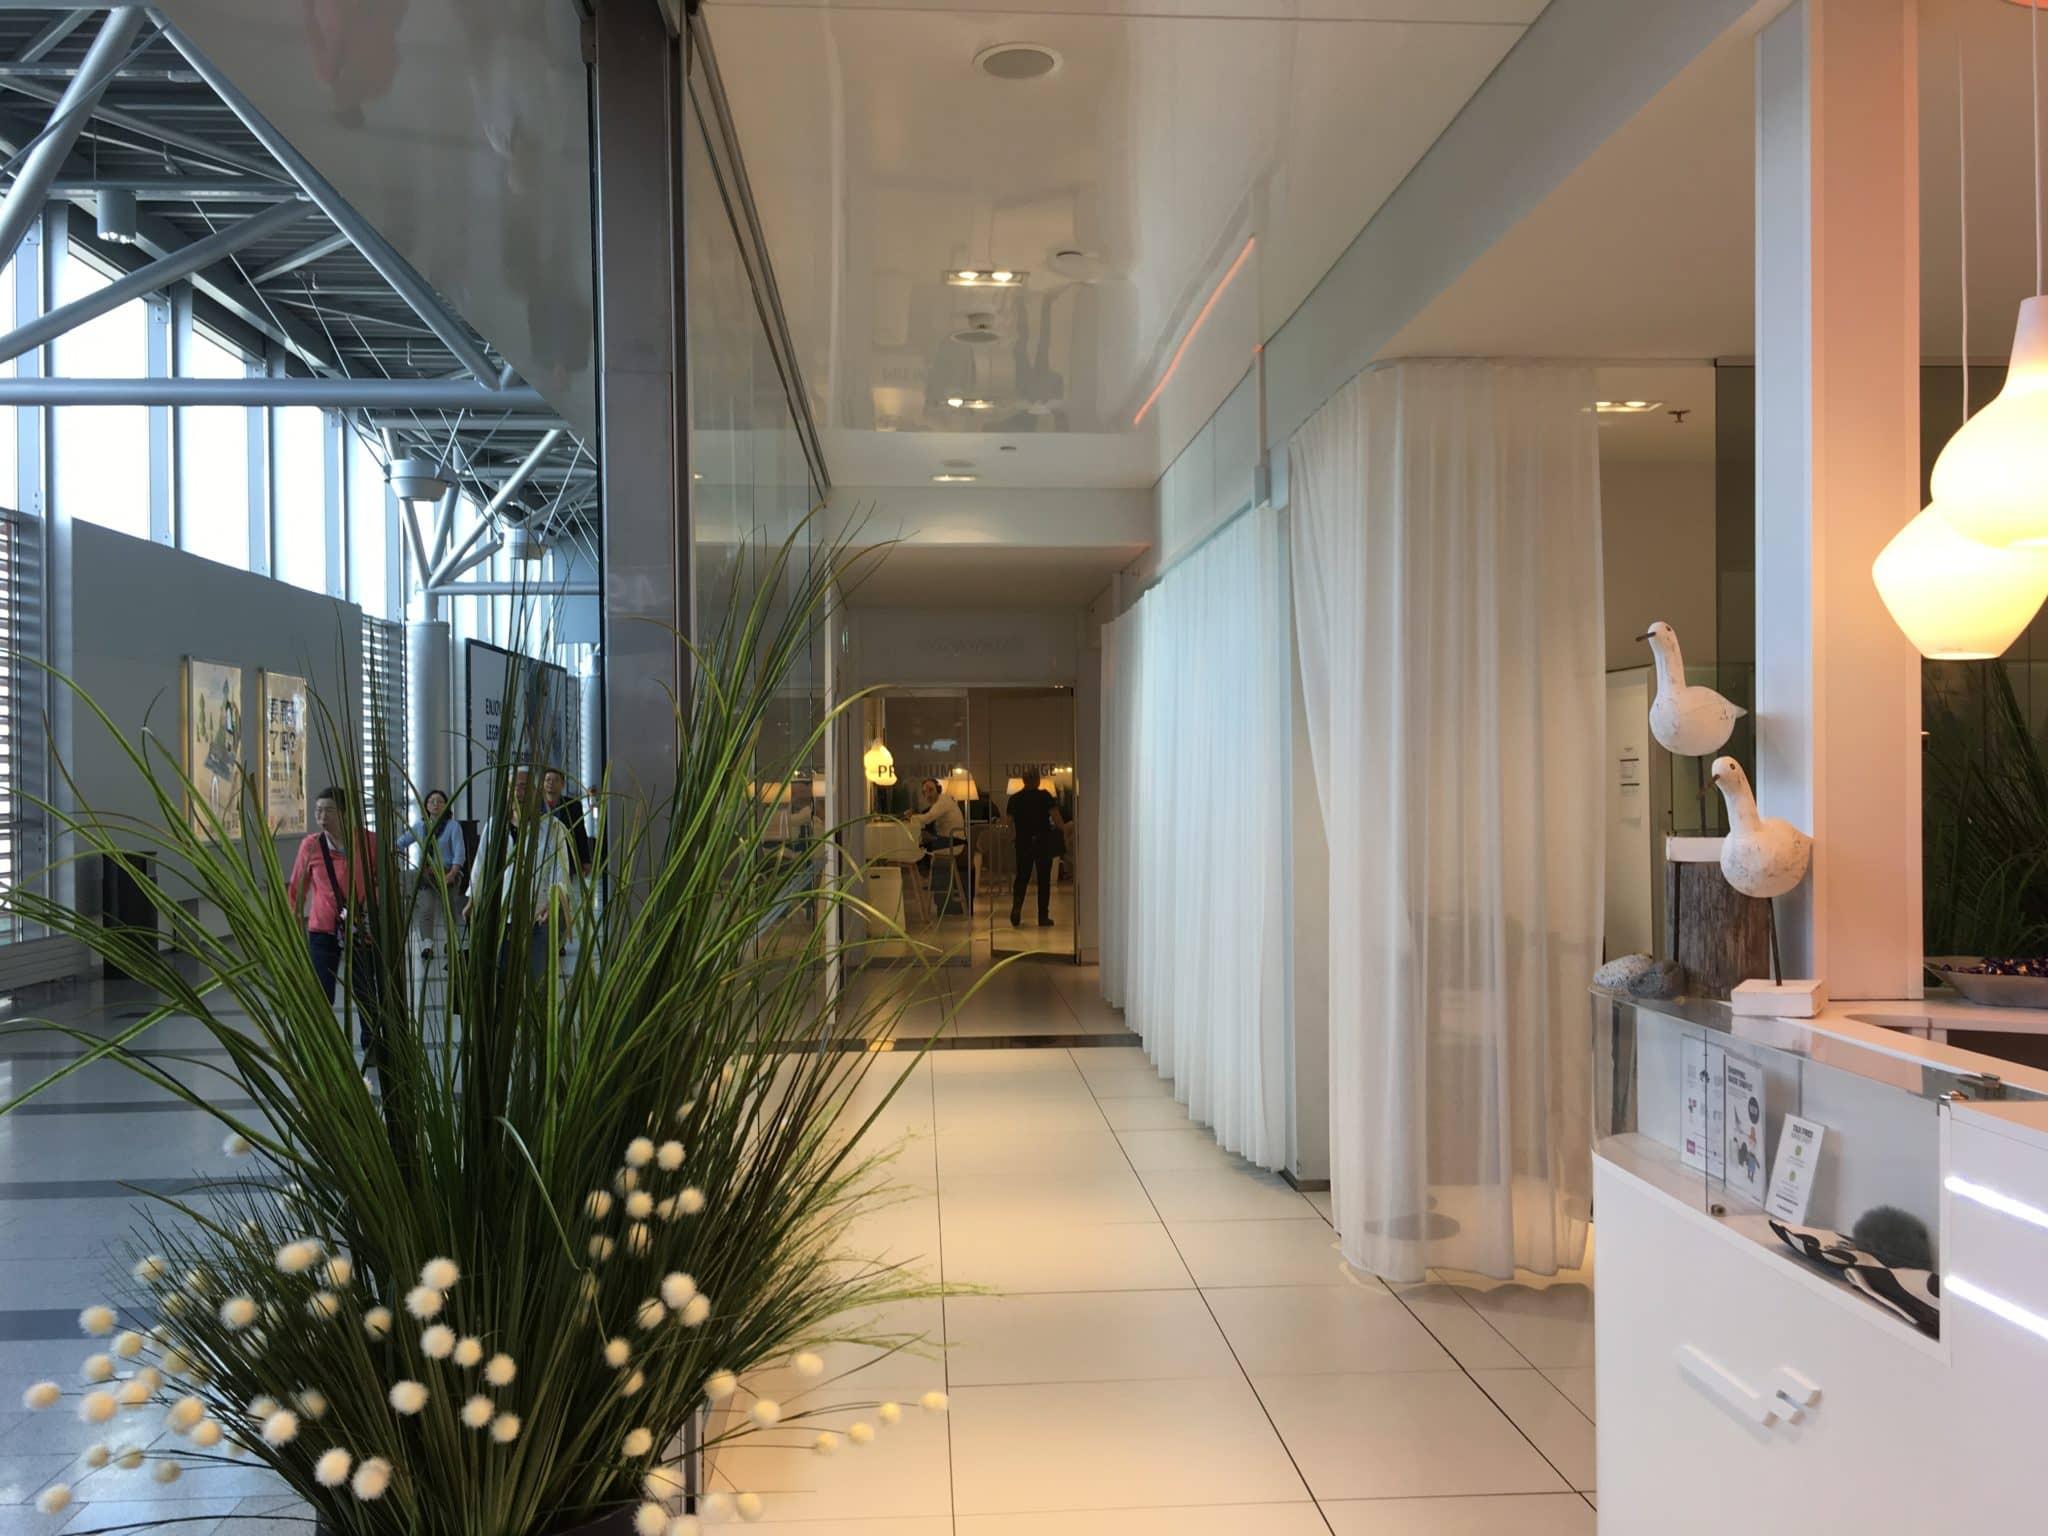 Finnair Lounge Helsinki Non-Schengen Premium Lounge